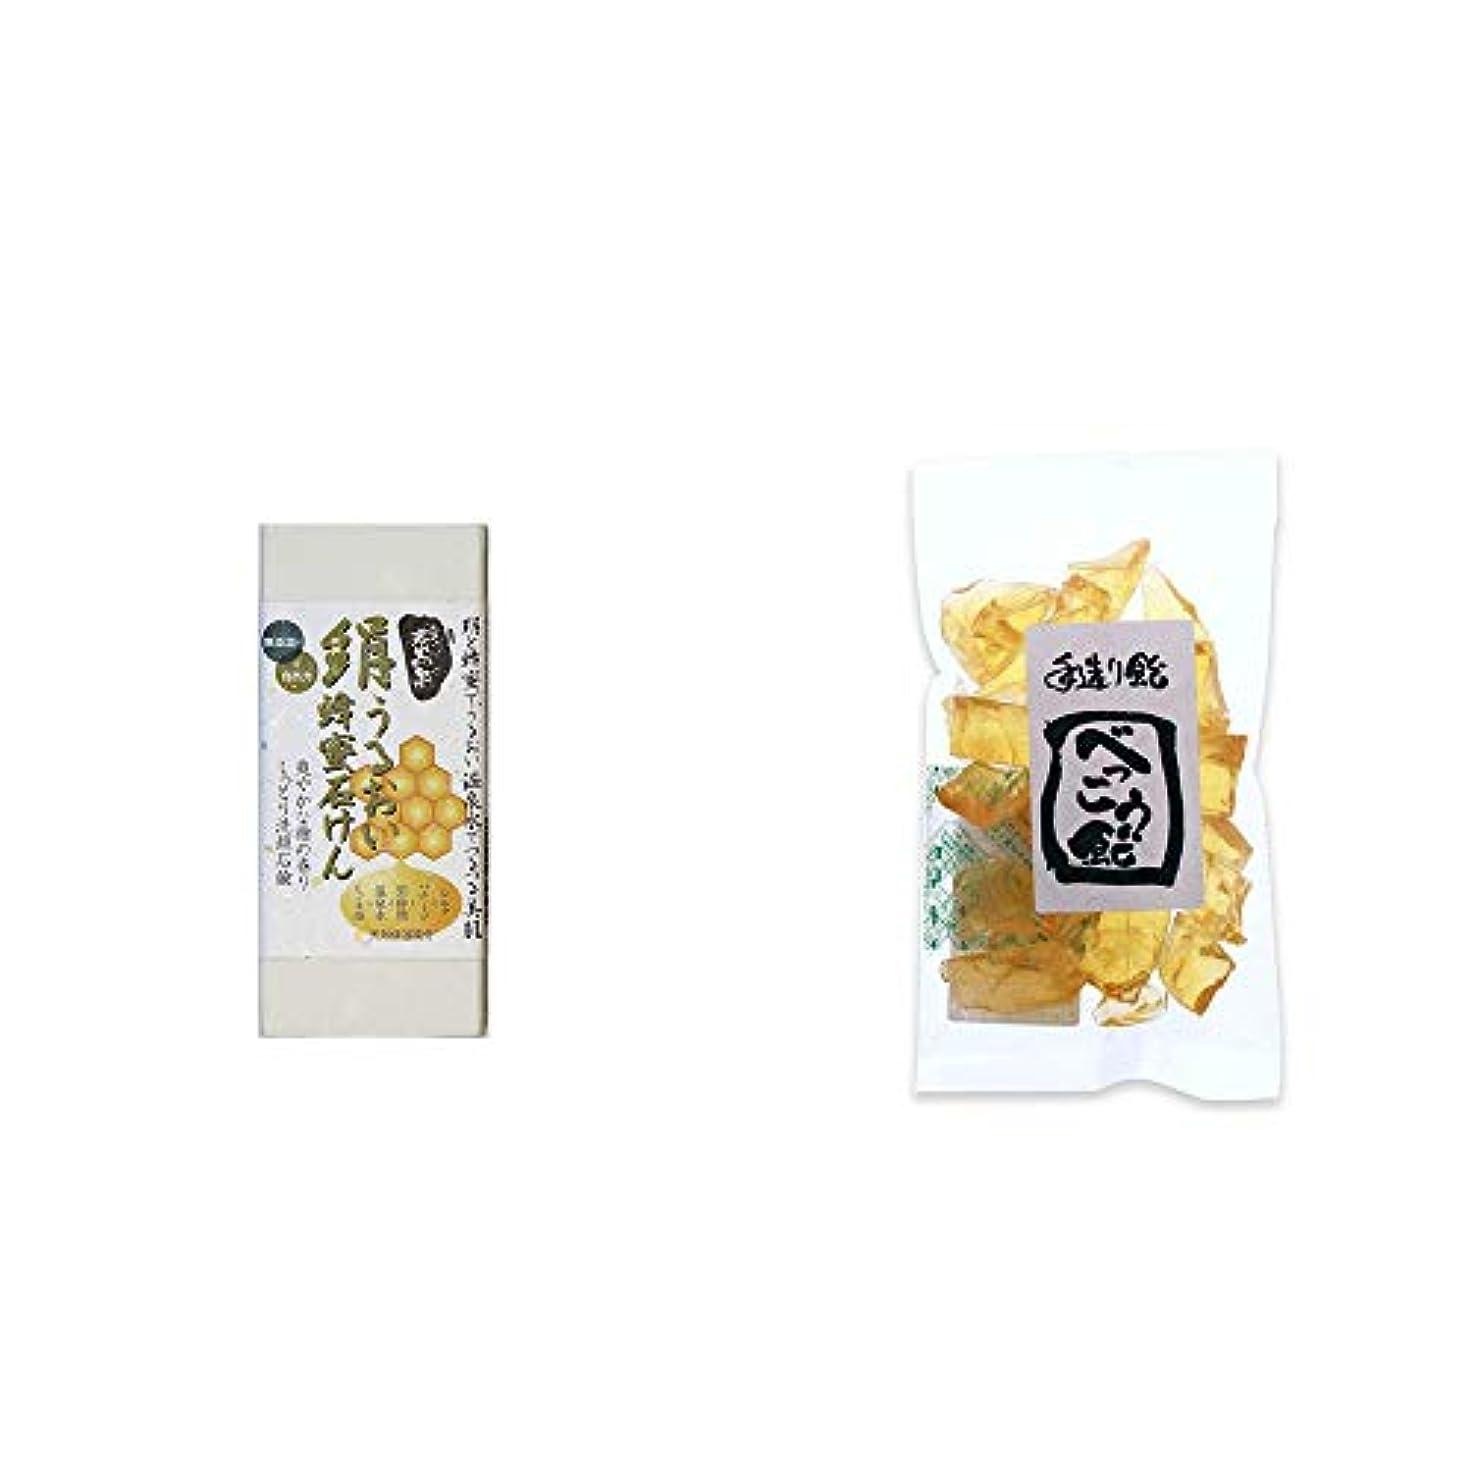 ホステスレールめんどり[2点セット] ひのき炭黒泉 絹うるおい蜂蜜石けん(75g×2)?べっこう飴(160g)